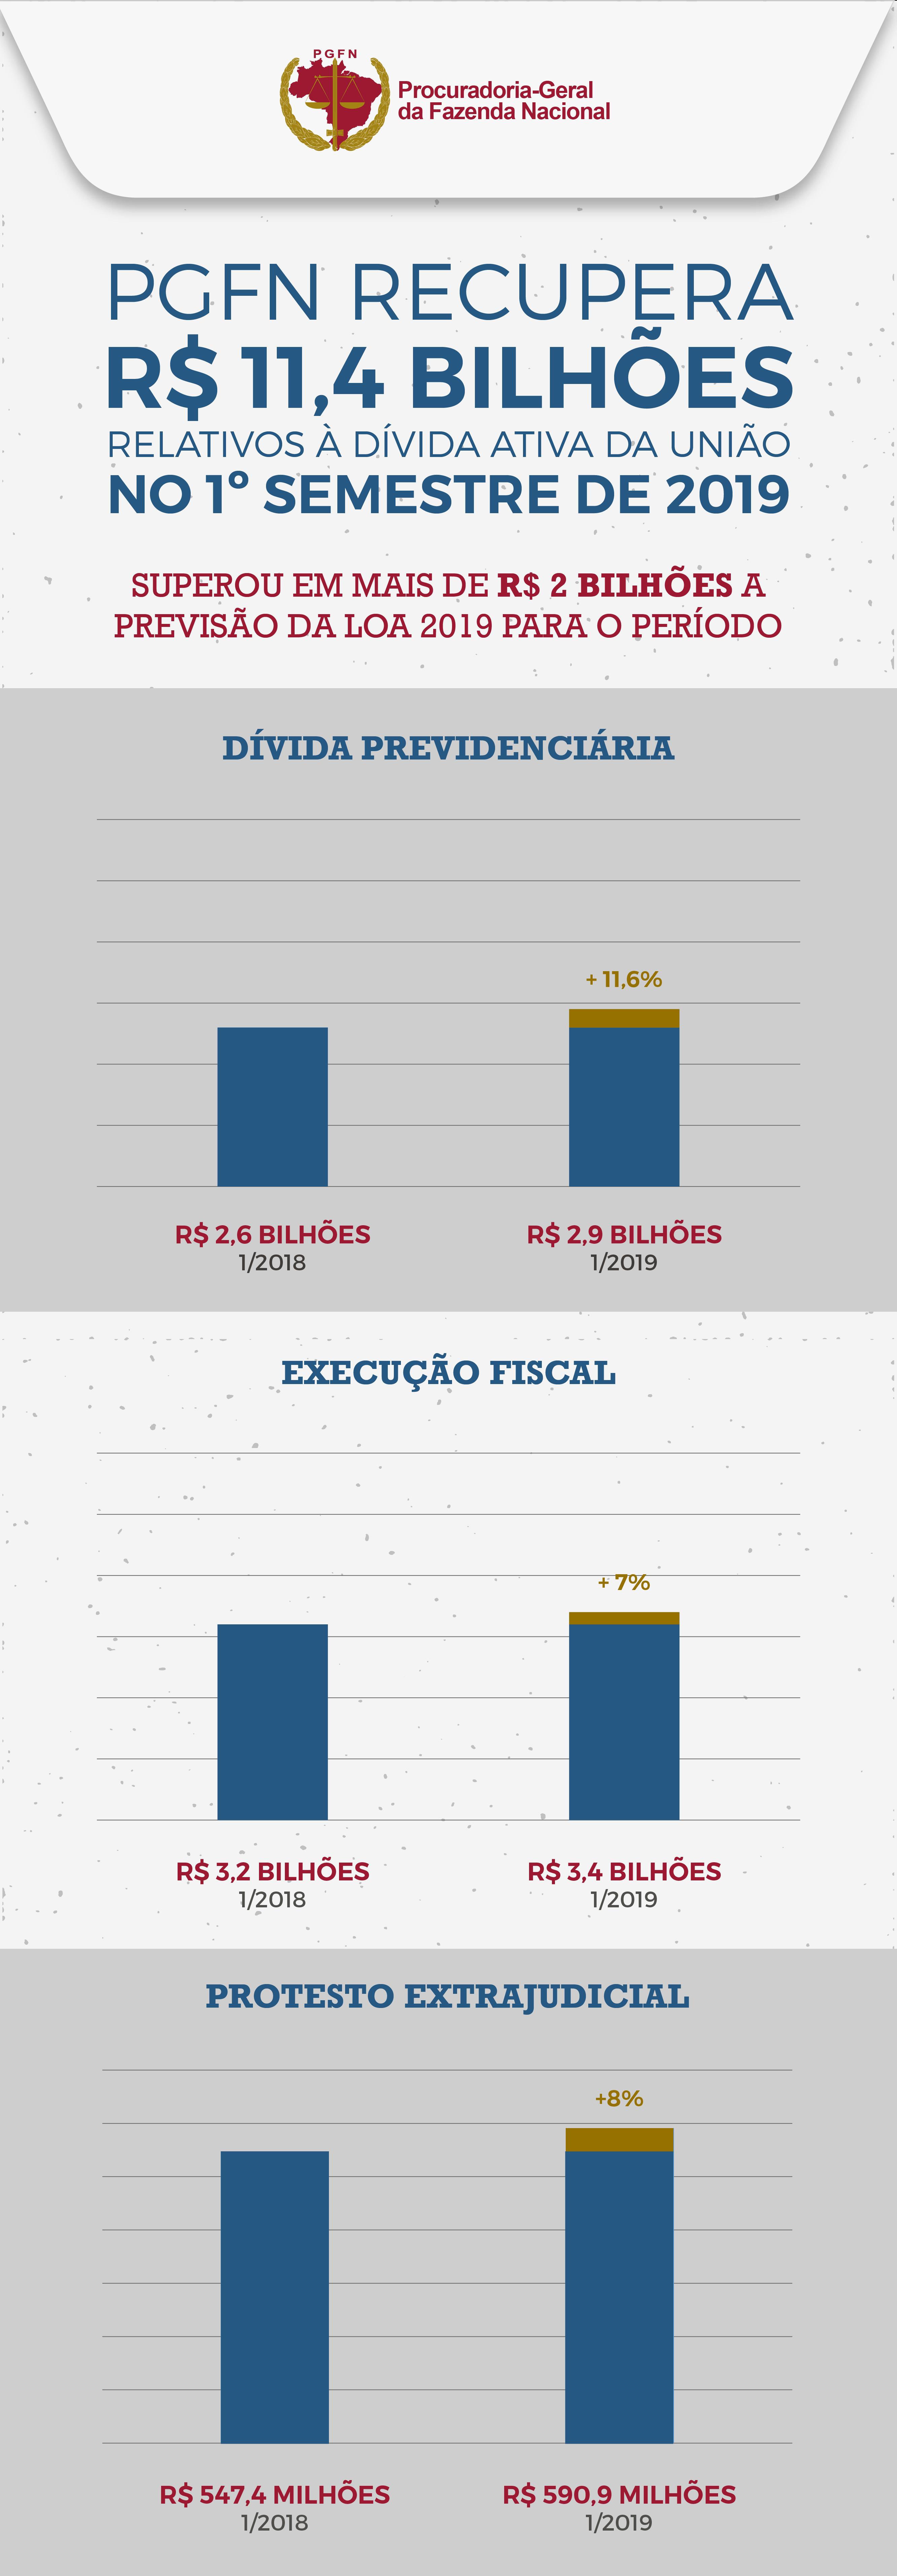 Infografico_Recuperacao_da_DAU_2019